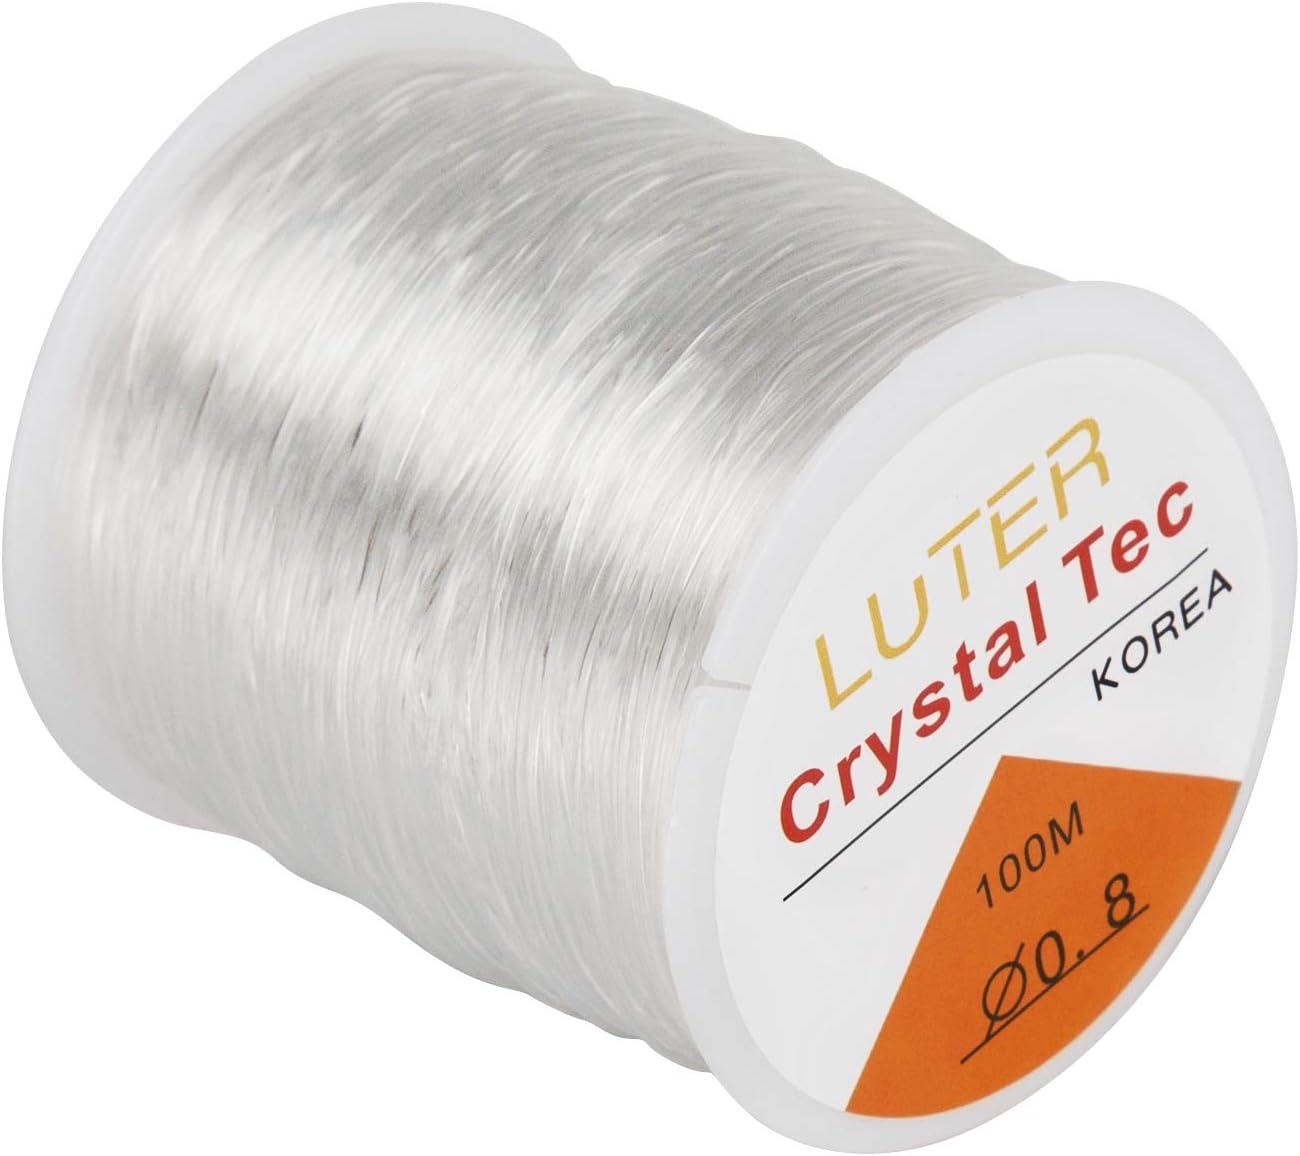 LUTER 0.8mm Hilo ElásticoTransparente para Pulseras Collar Abalorios Joyería(328ft)